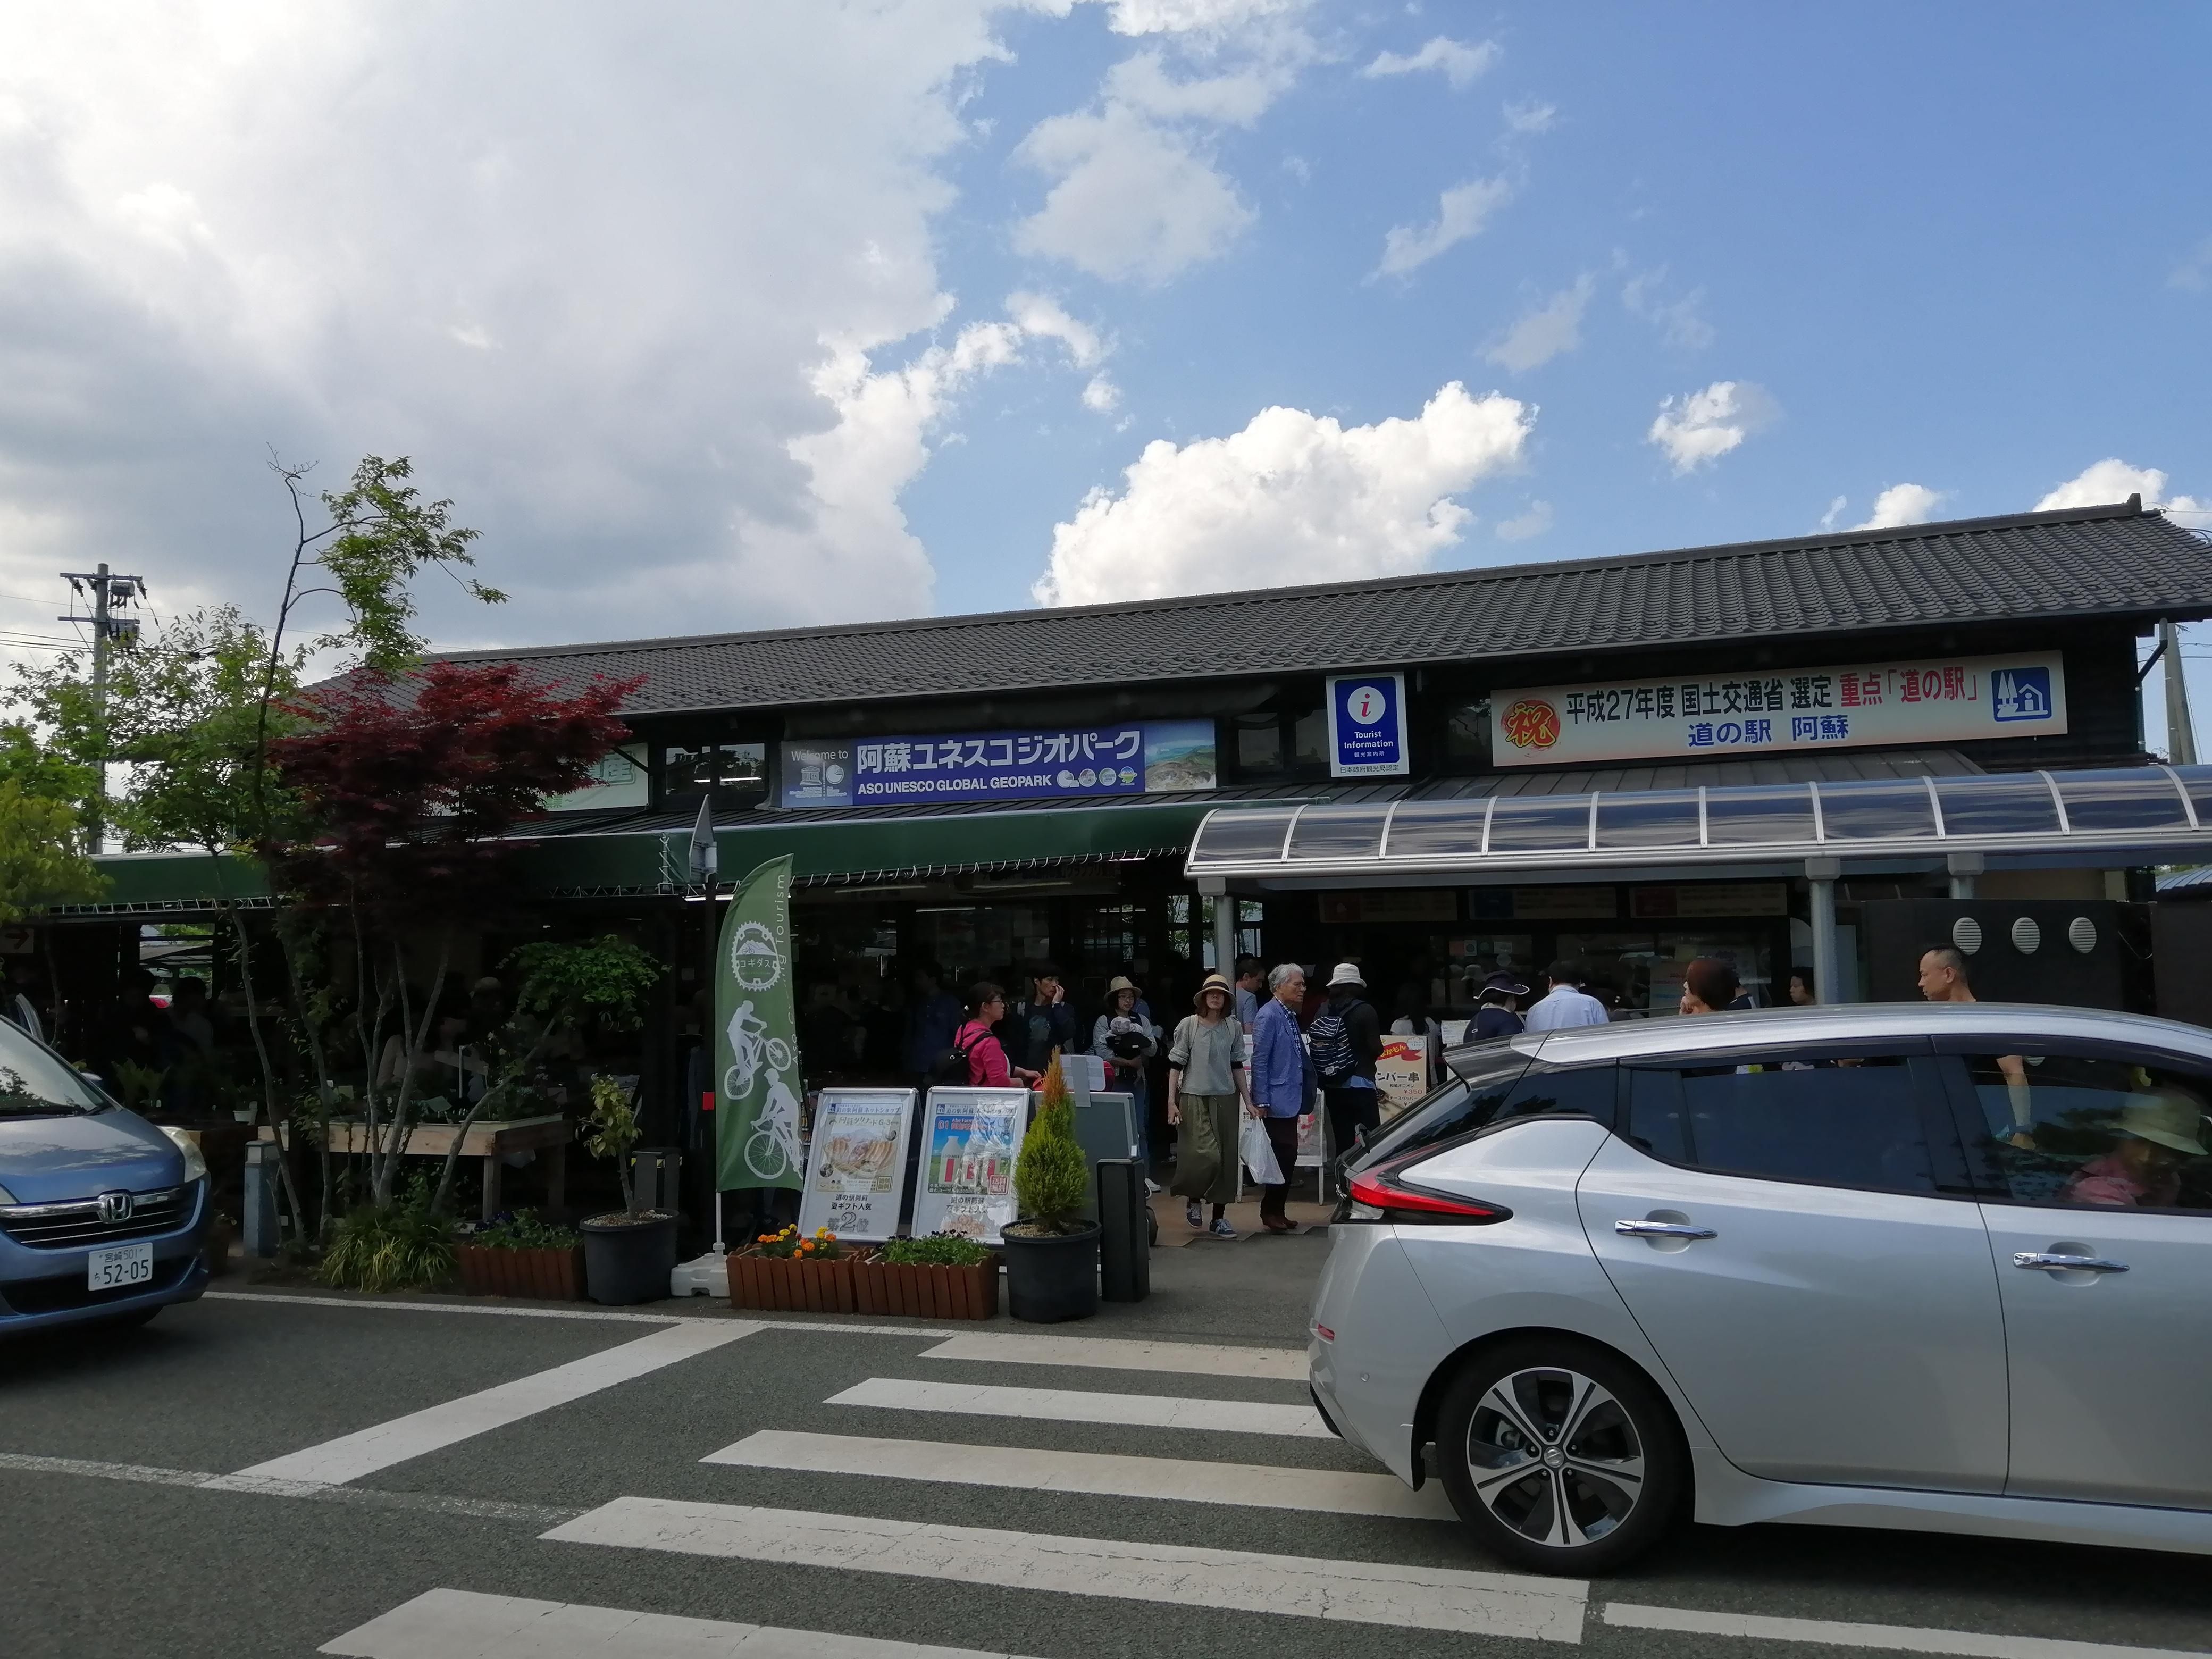 「道の駅 阿蘇」の外観